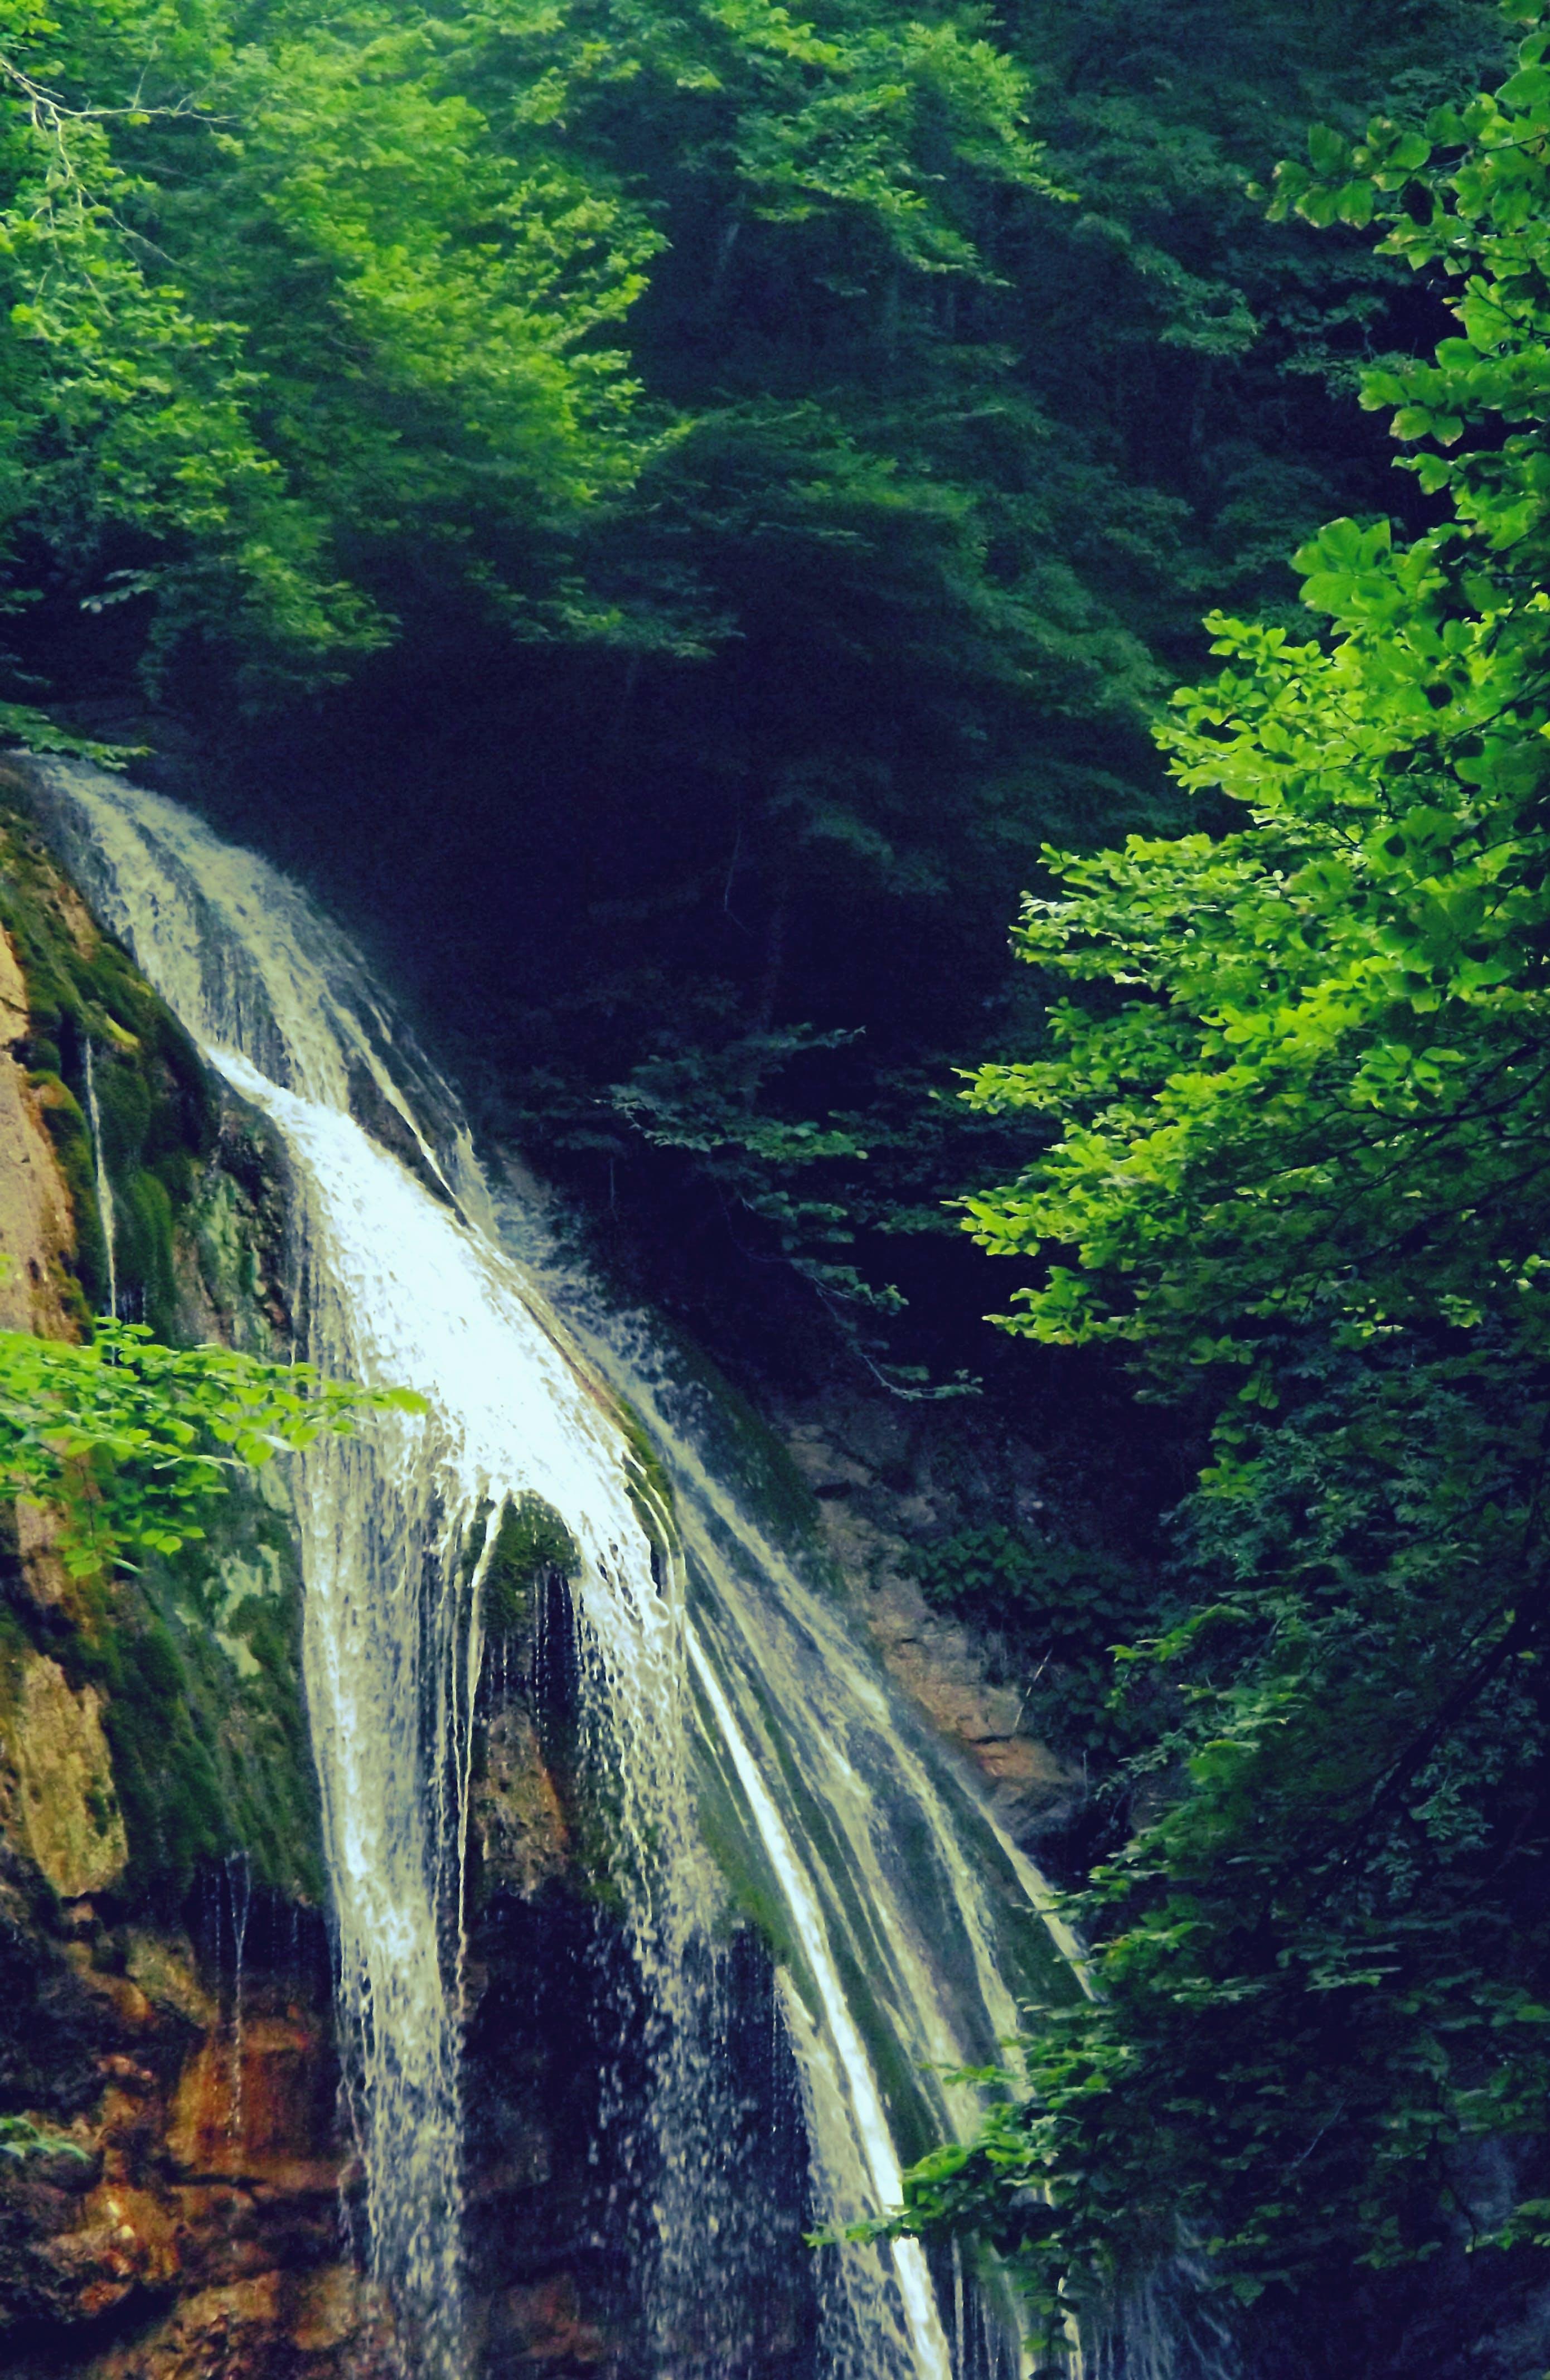 Fotos de stock gratuitas de agua, arboles, bosque, cámara rápida